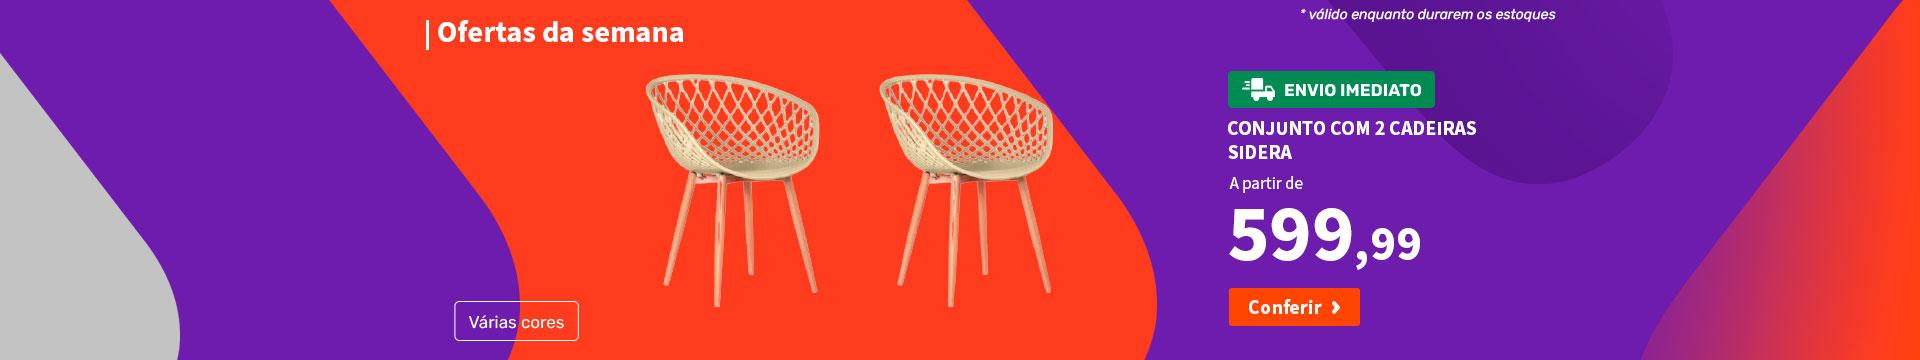 Conjunto com 2 Cadeiras Sidera - Ofertas da semana